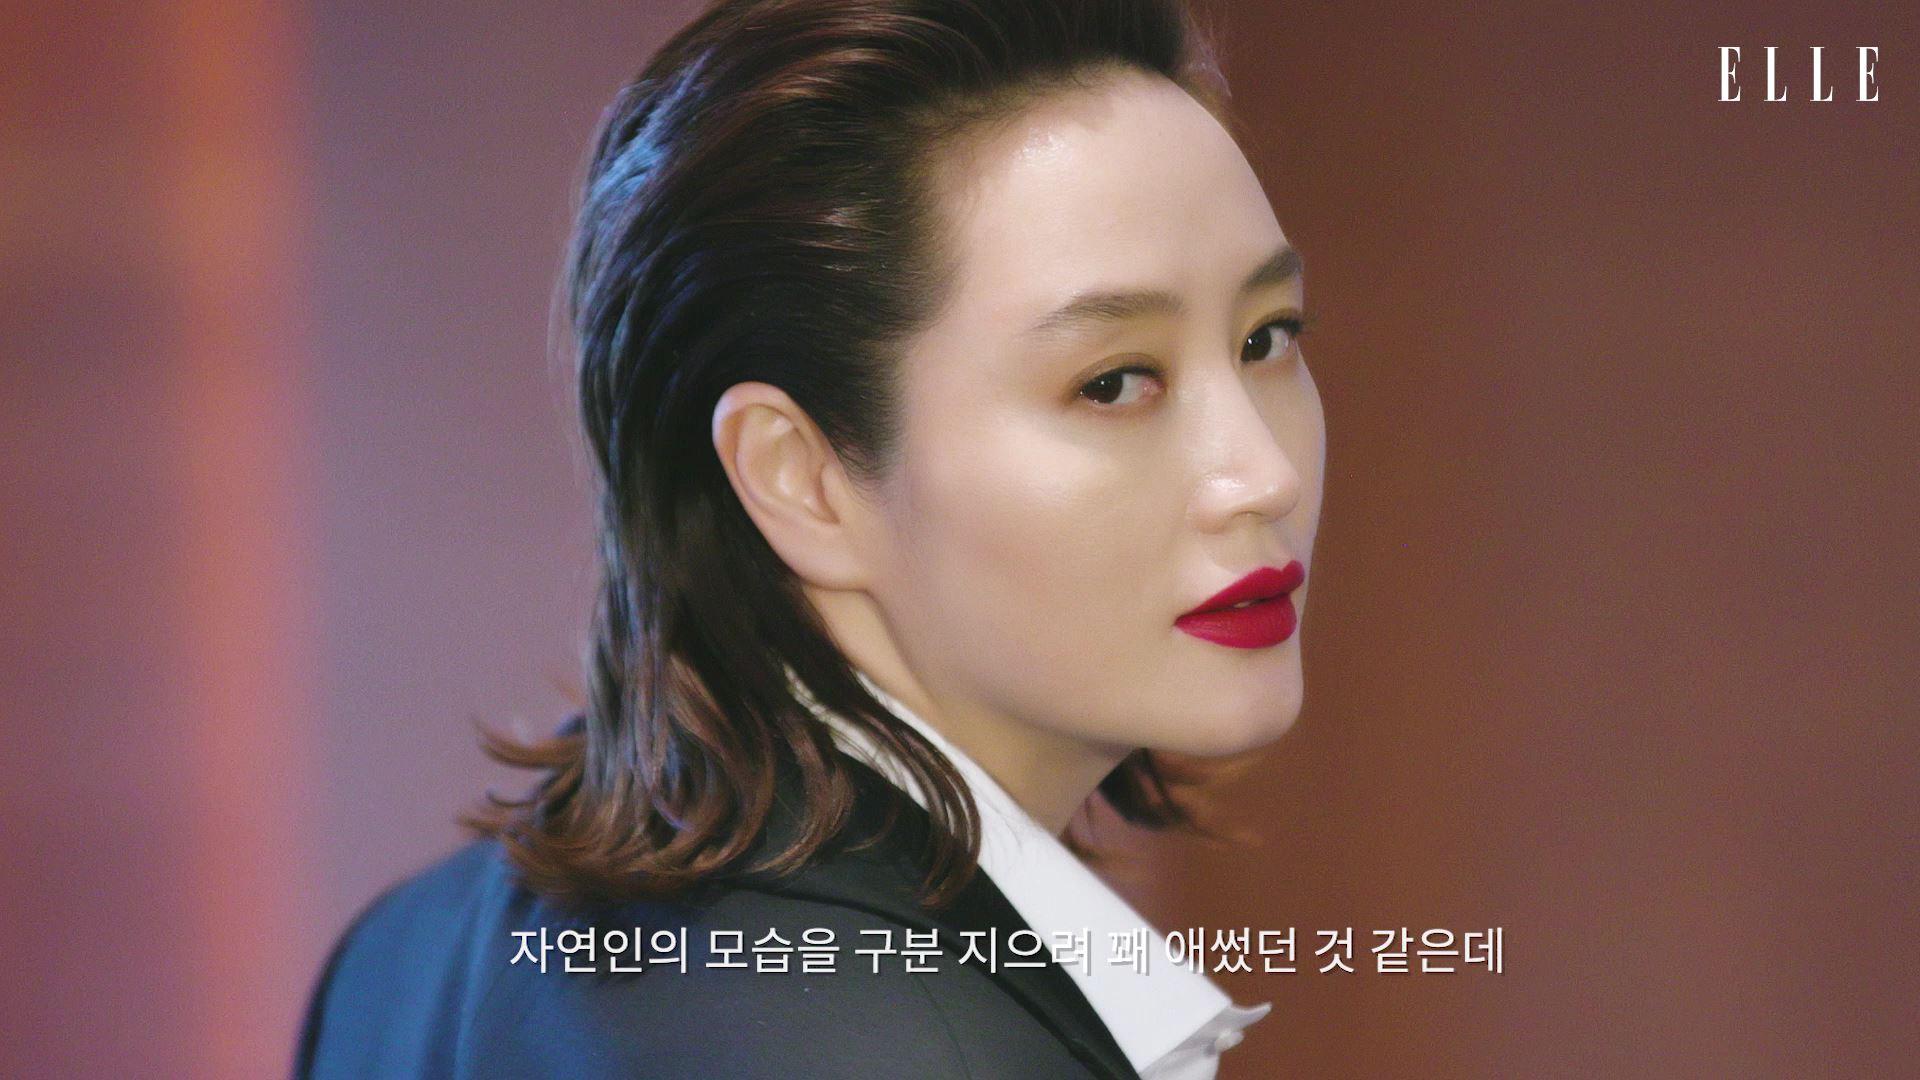 닮고 싶은 김혜수